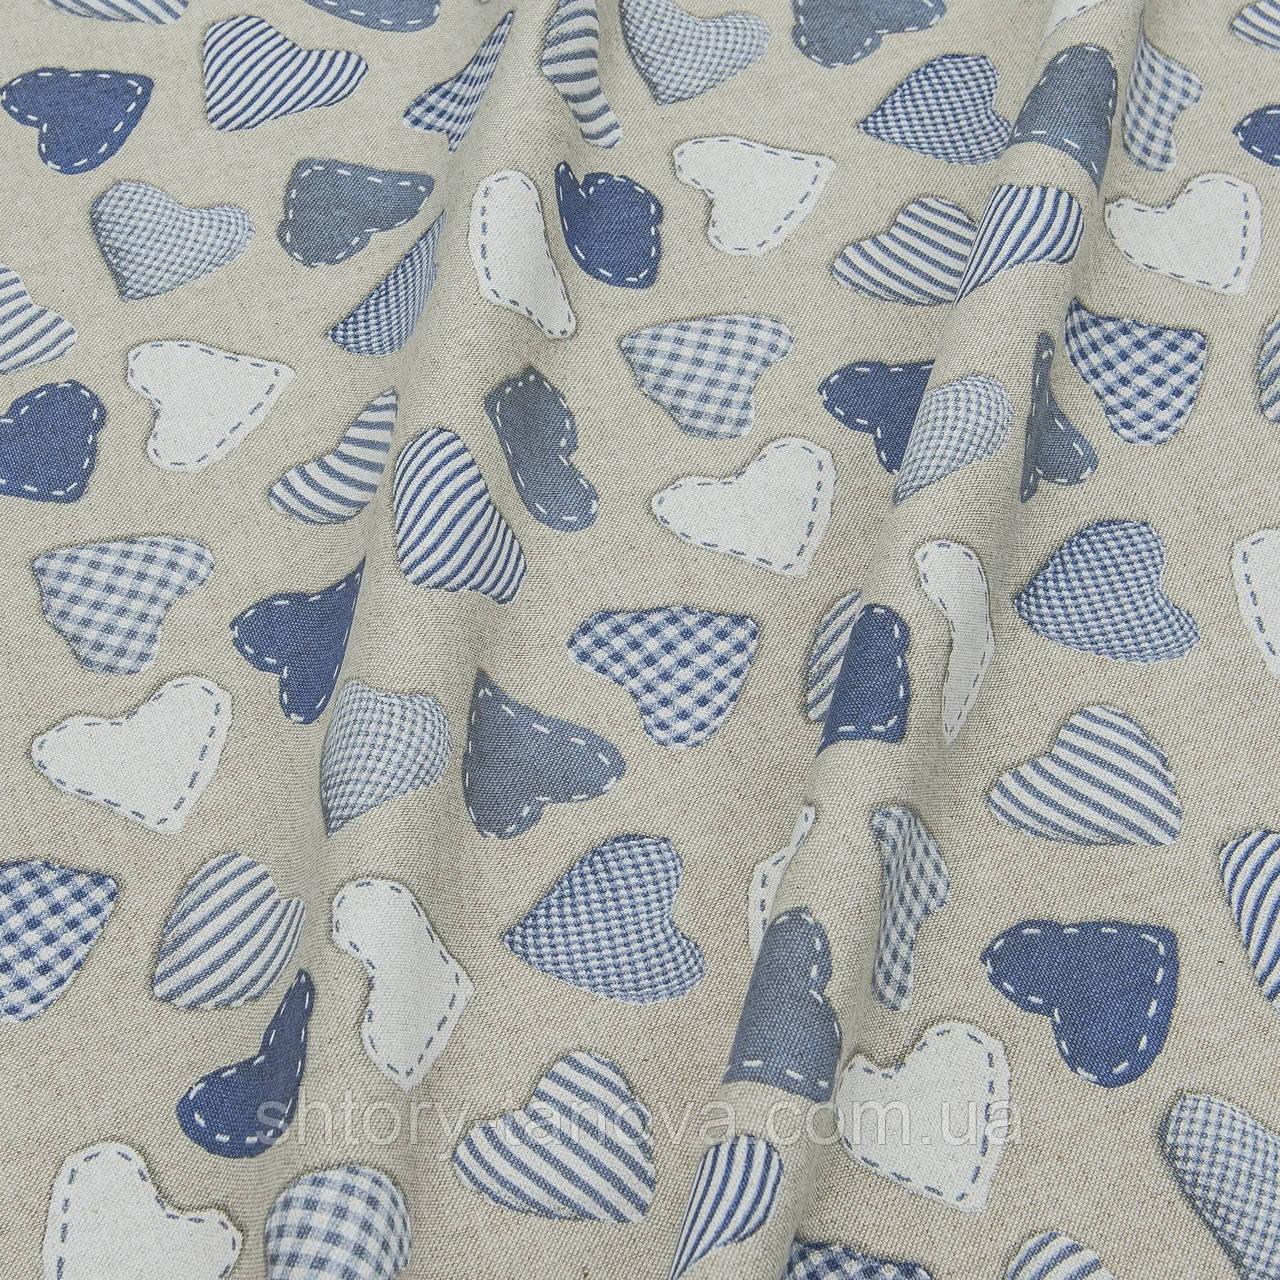 Декоративная ткань шторная ткань голубые сердечки на бежевом фоне хлопок 70% Ткани для штор на метраж